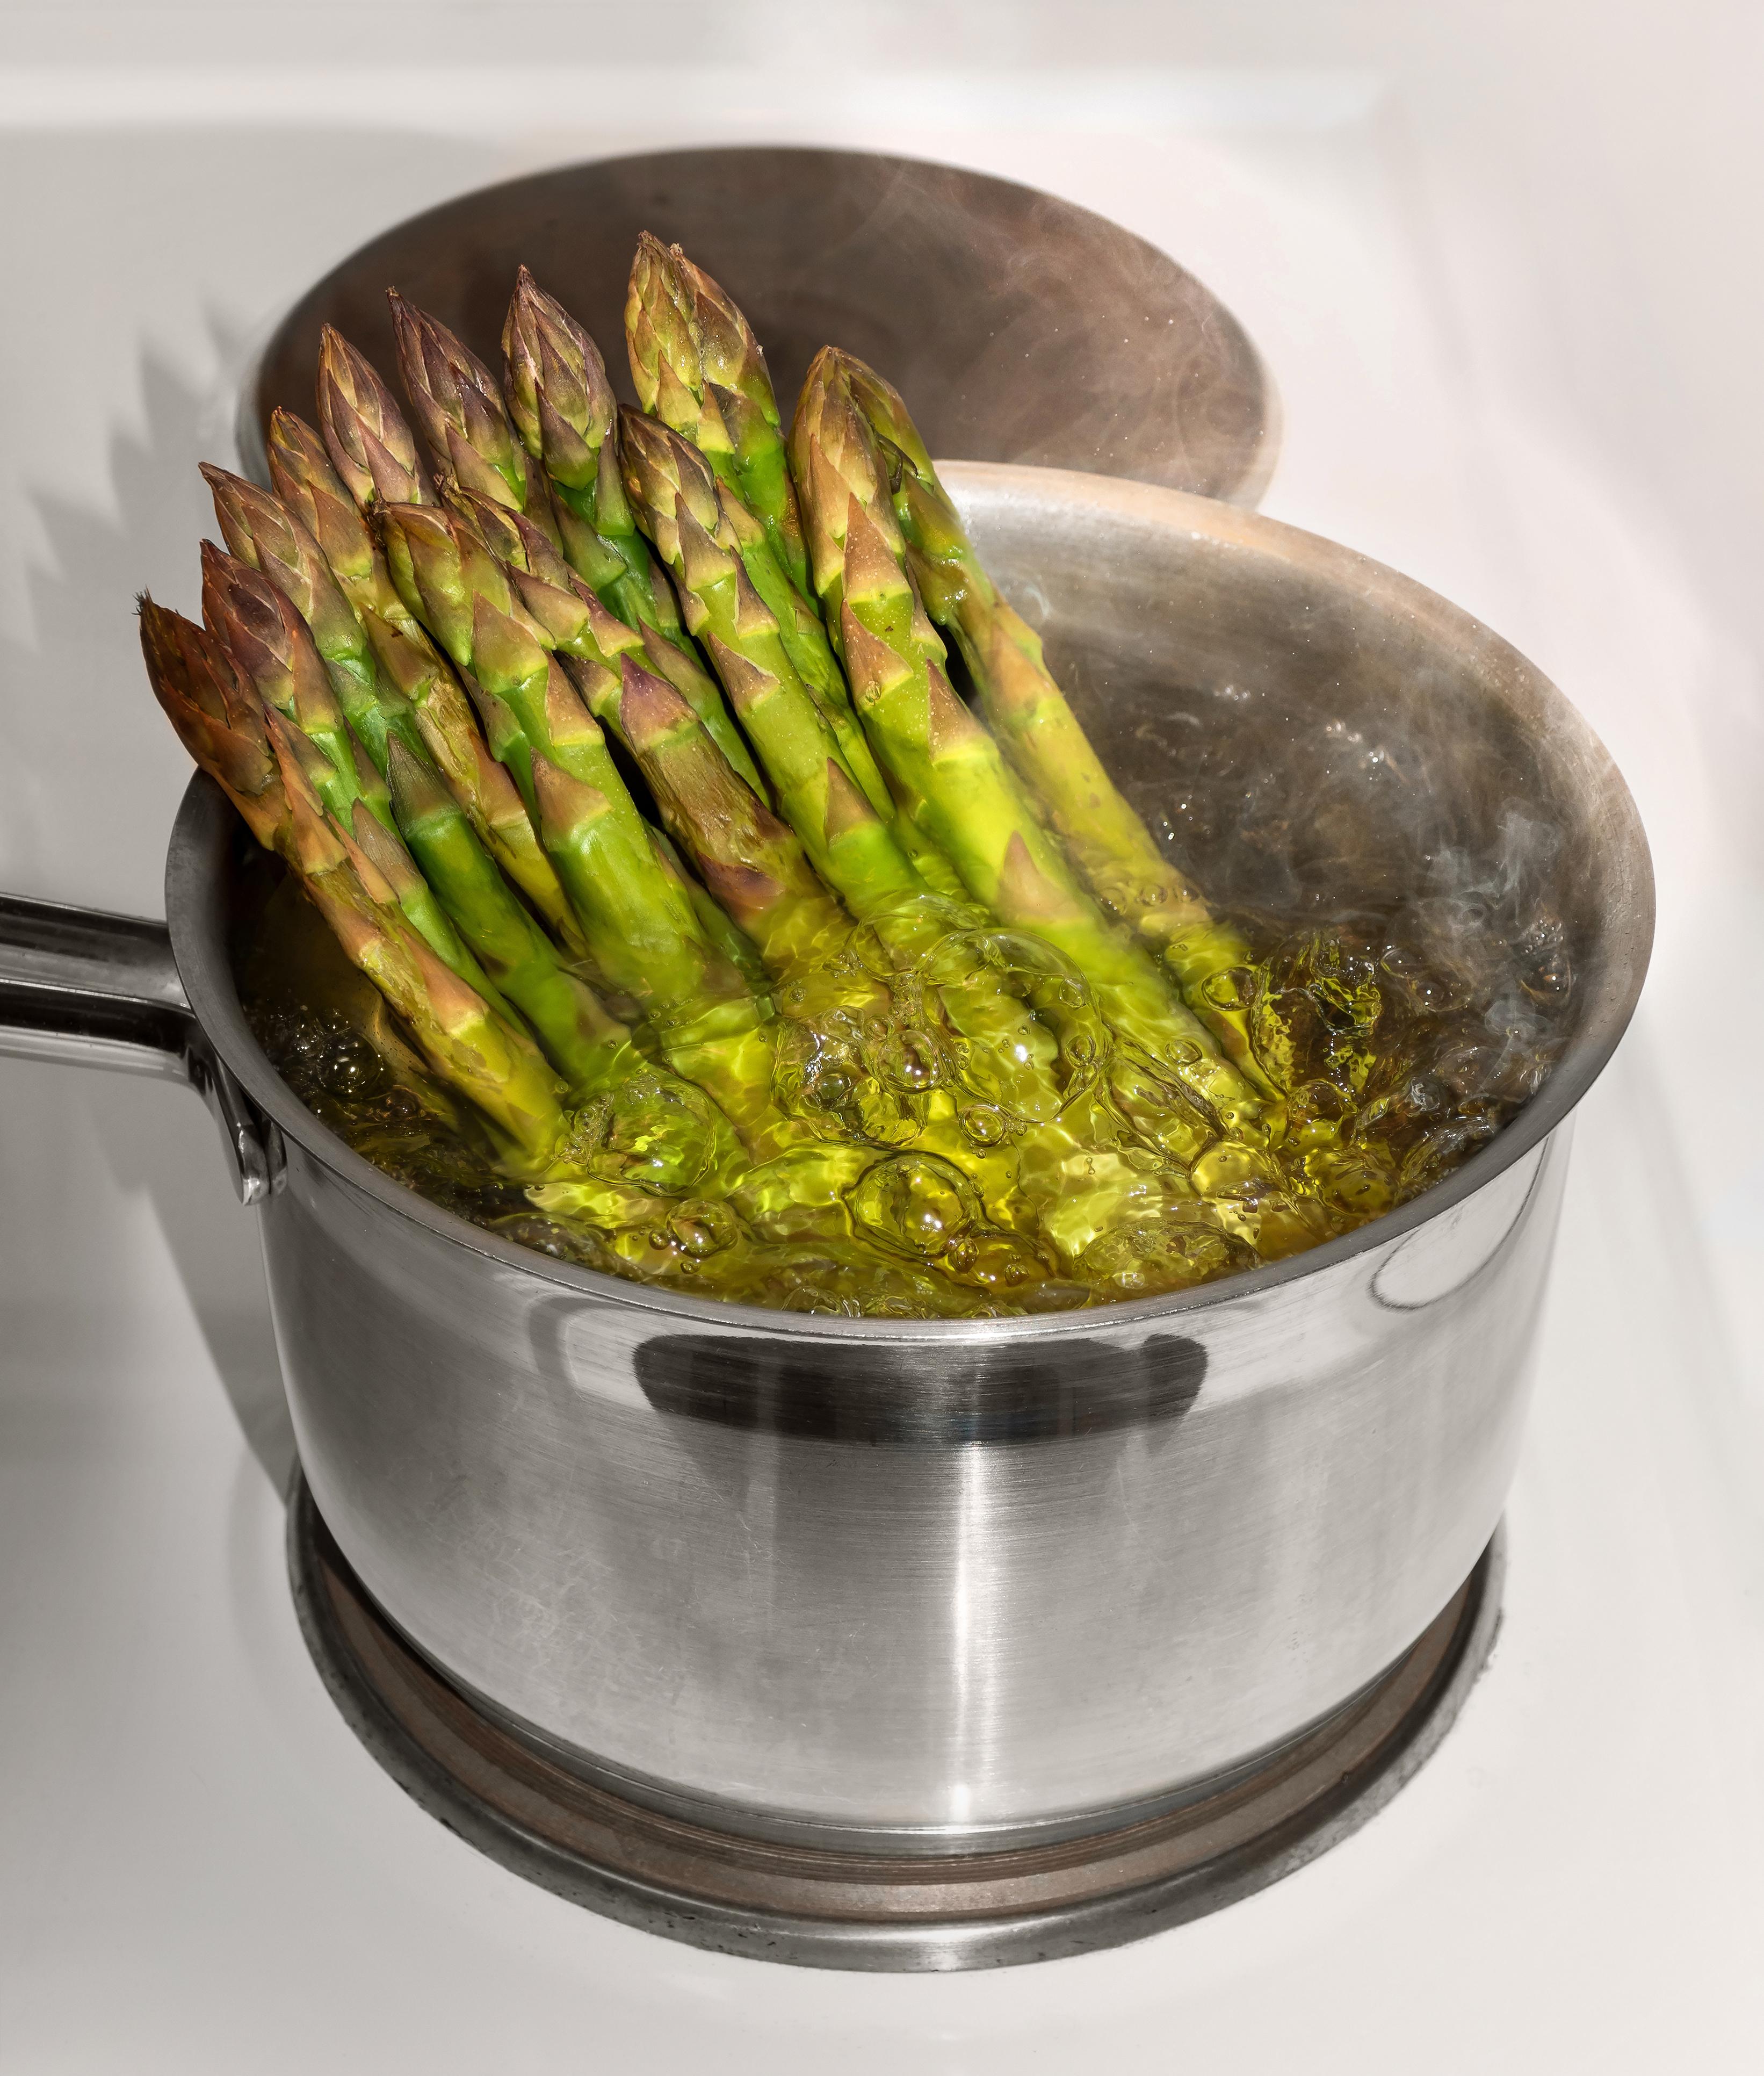 Boiling - Wikipedia